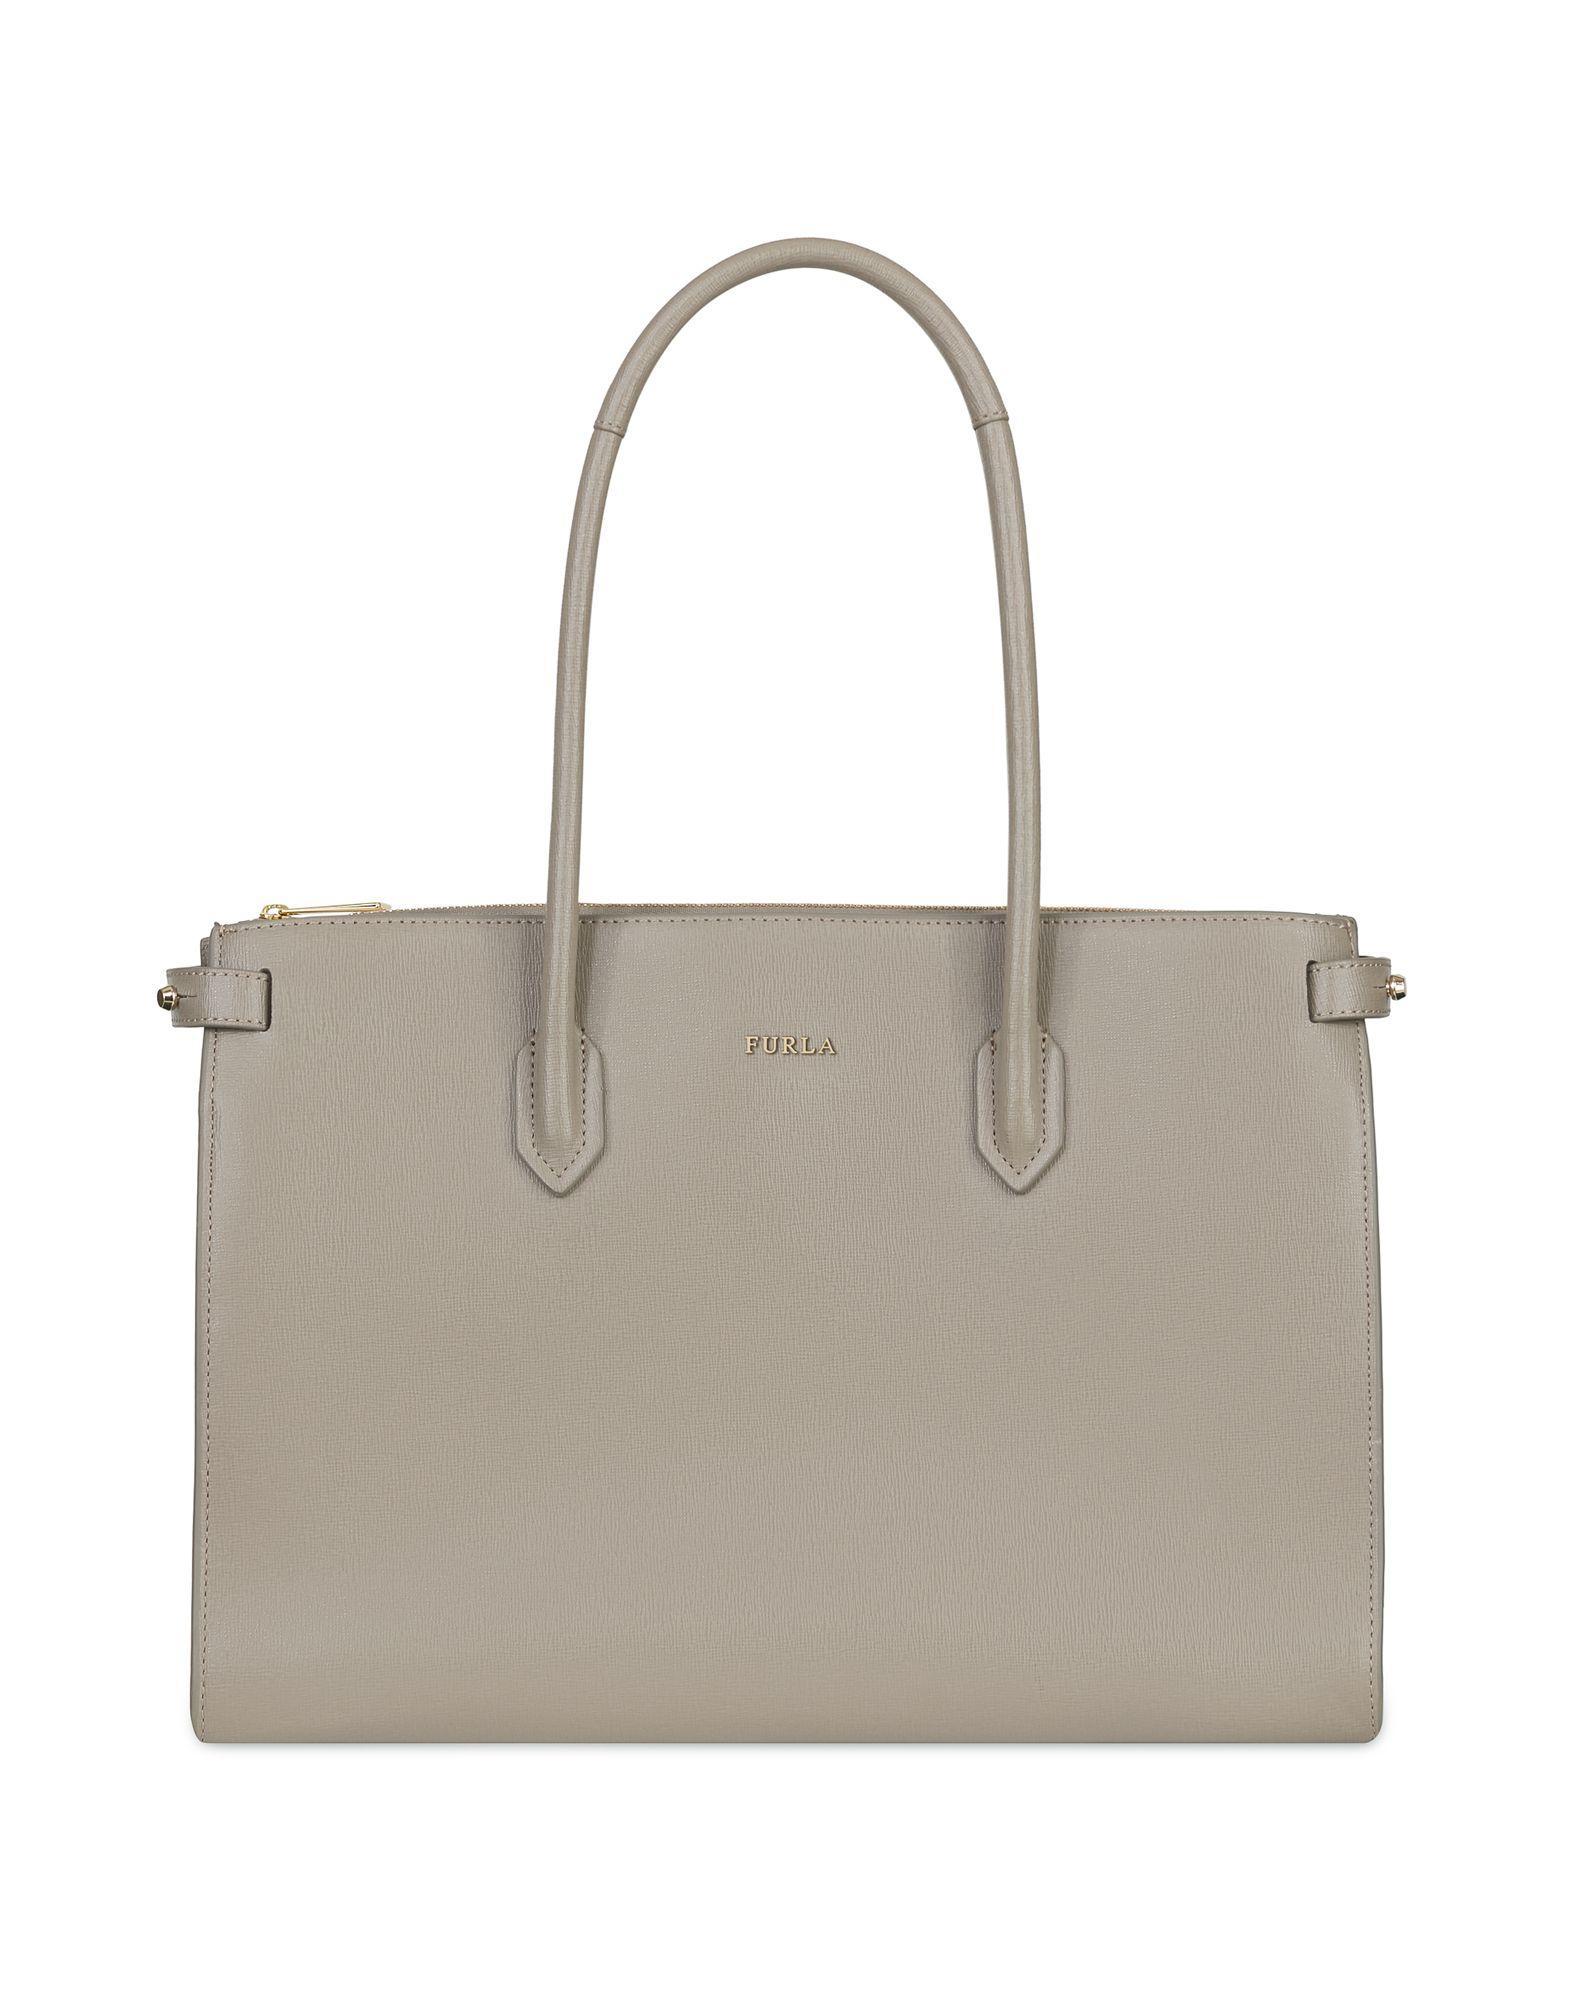 Furla Handbag In Dove Grey